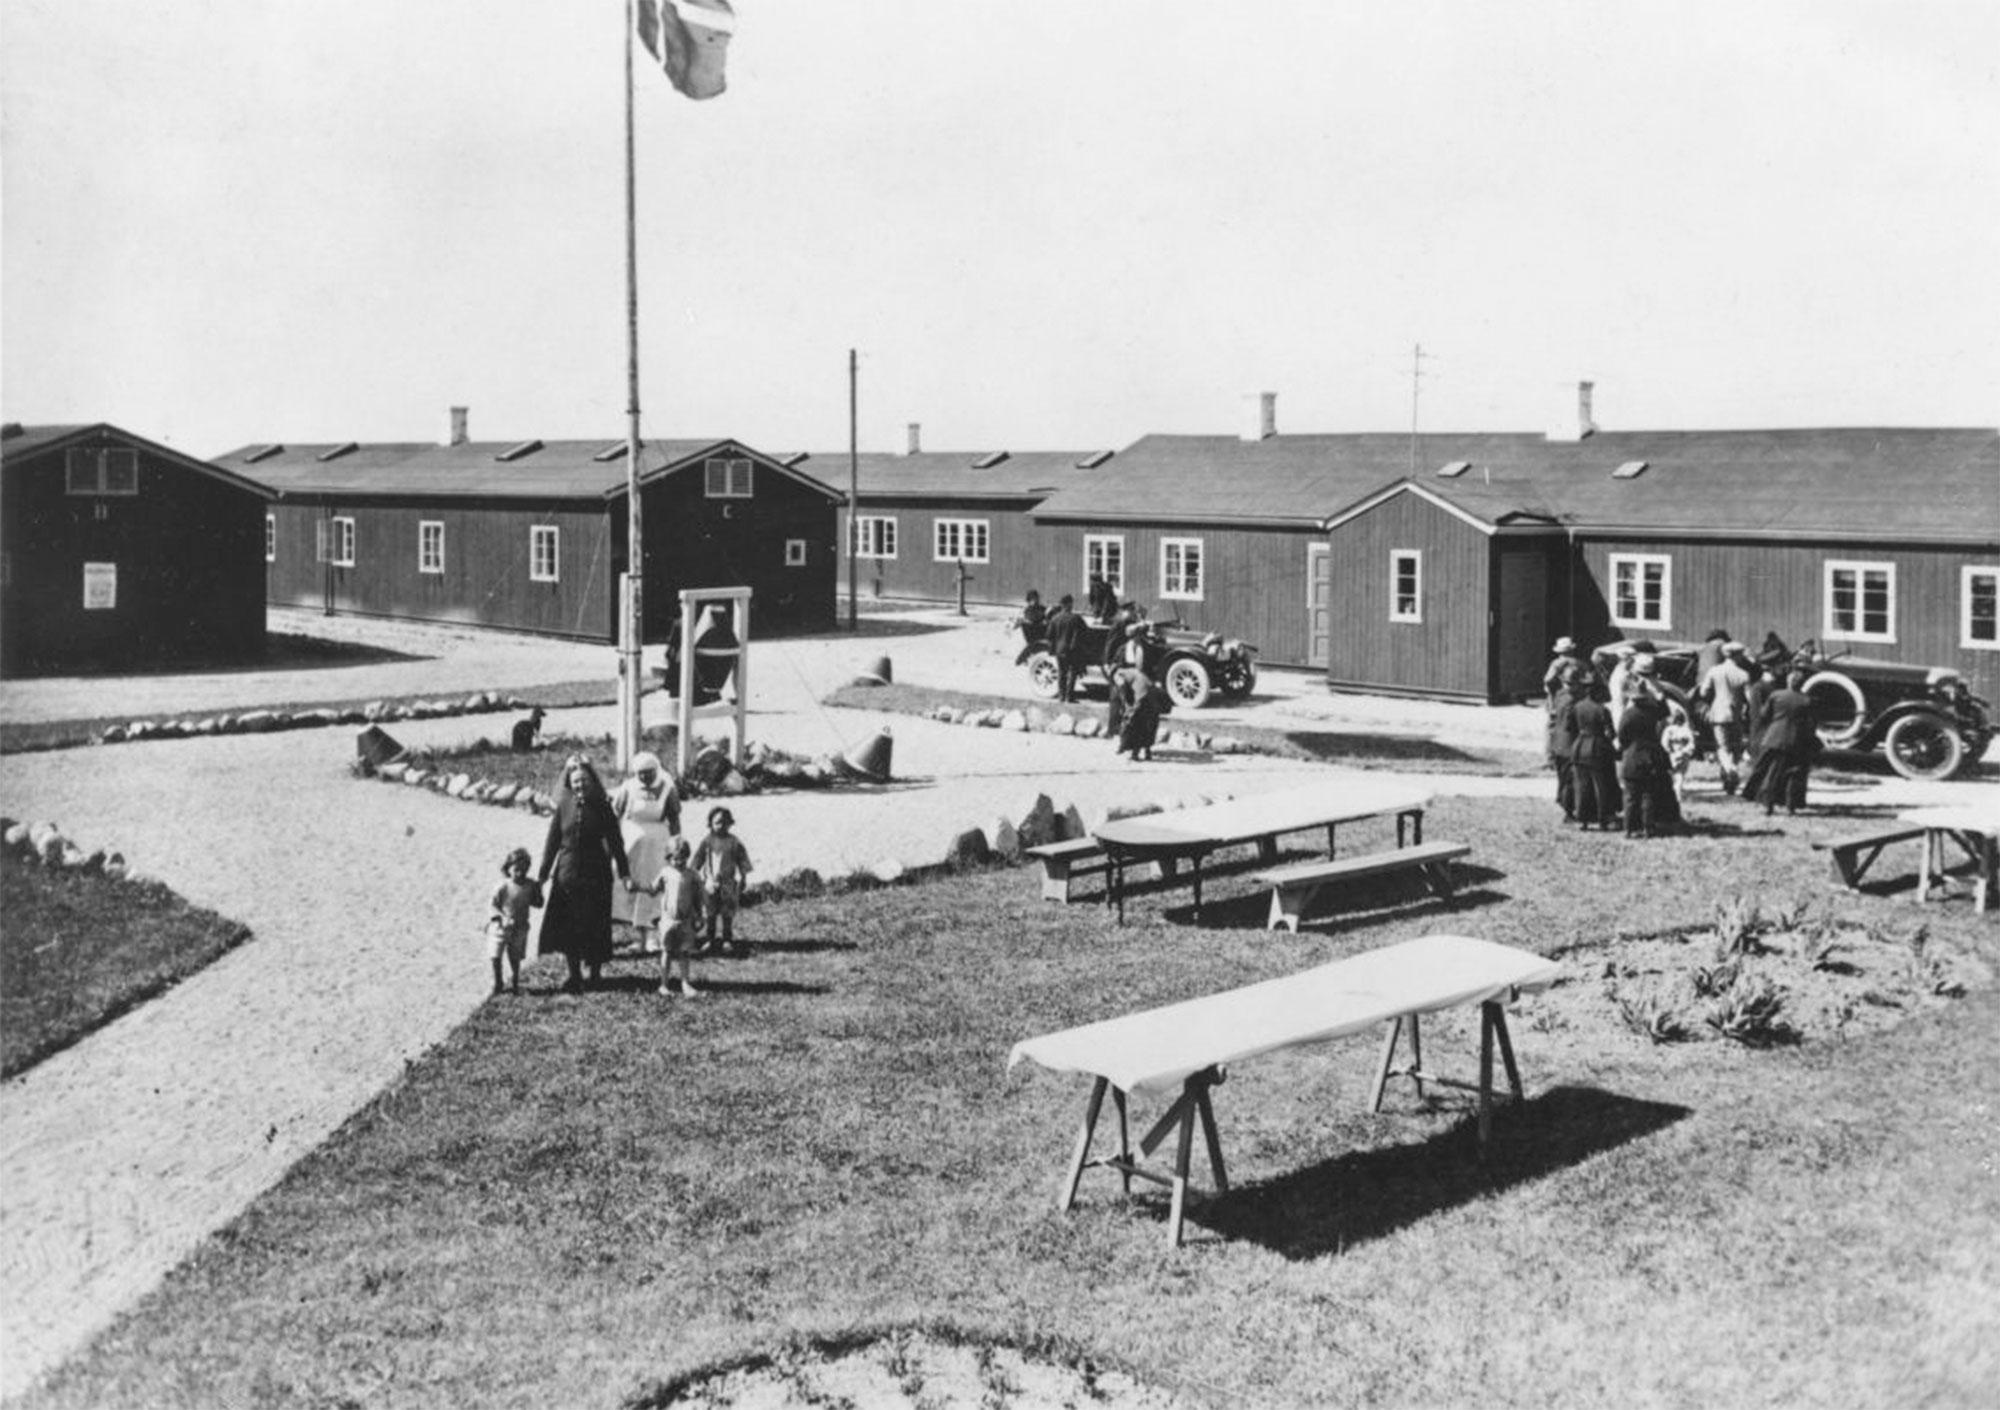 Baggersmindelejren blev i 1920 sommerkoloni for børn fra København. Foto: Historisk Arkiv Dragør.